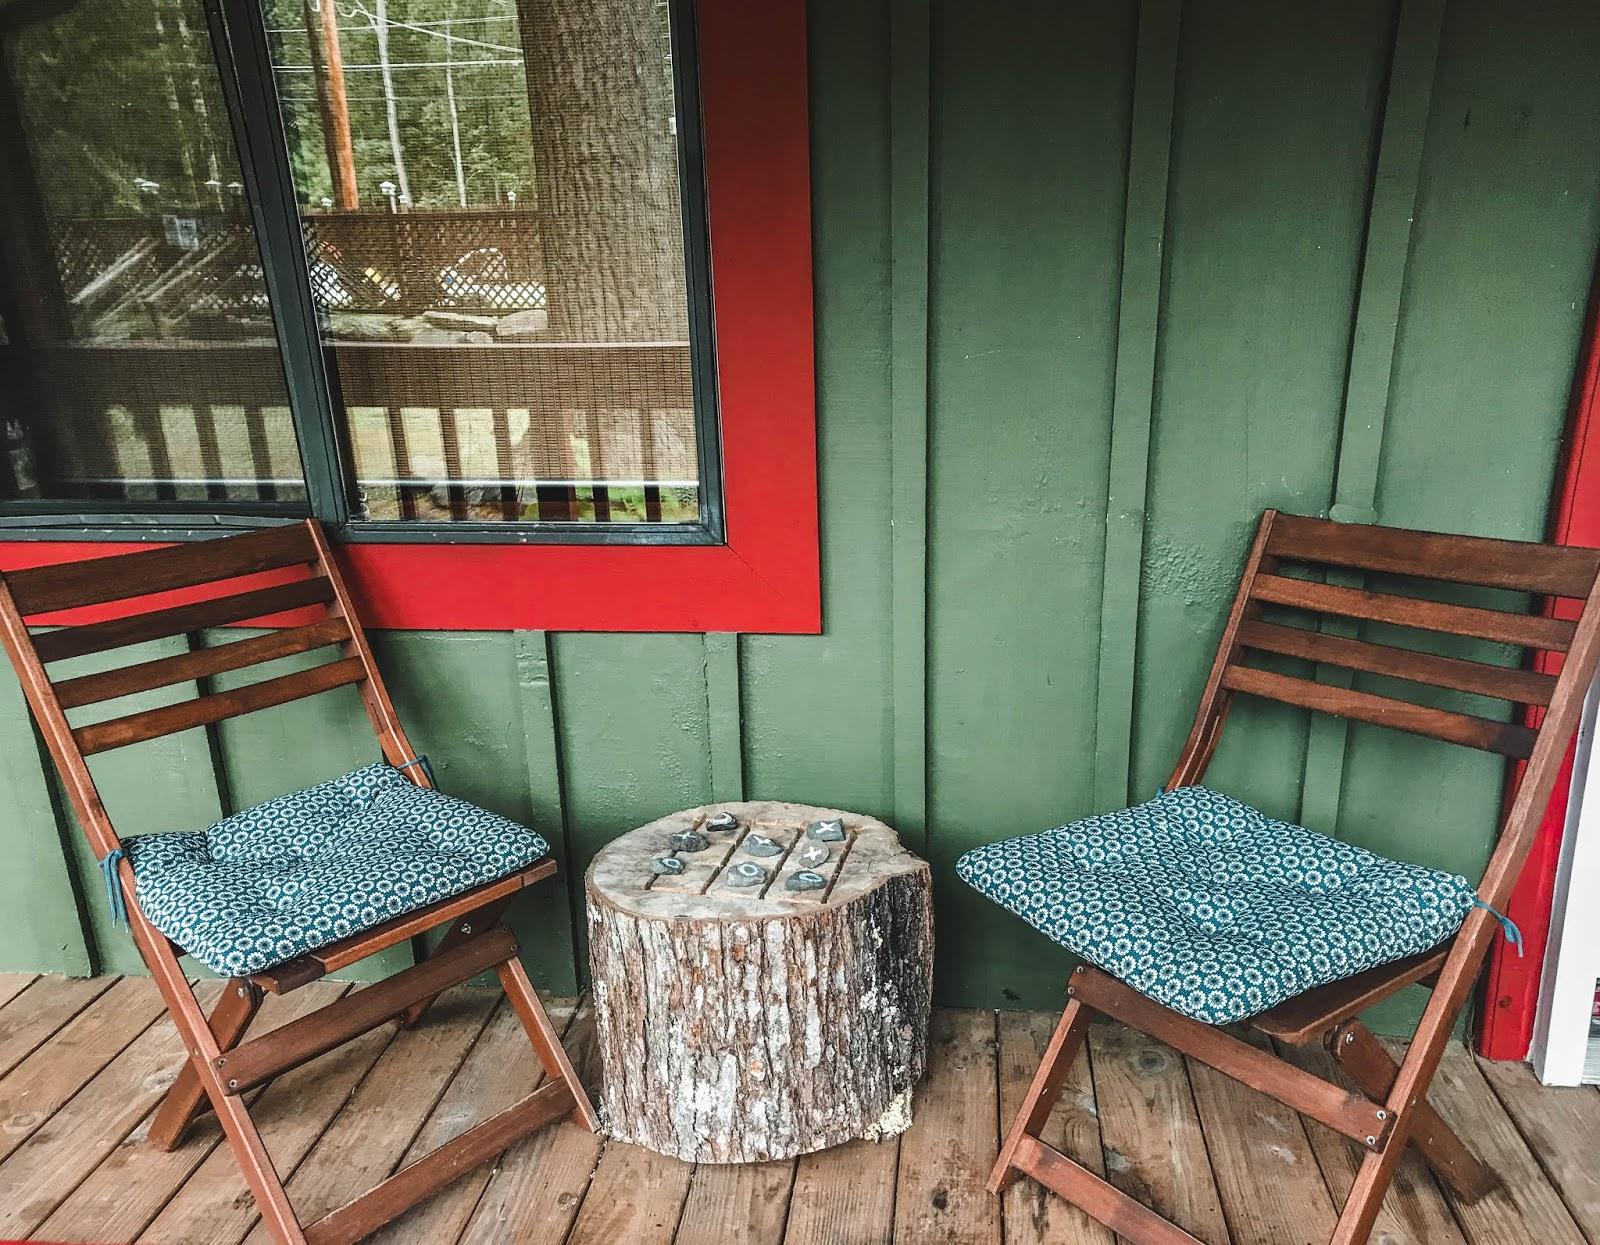 Magnolia Streamside Resort Review